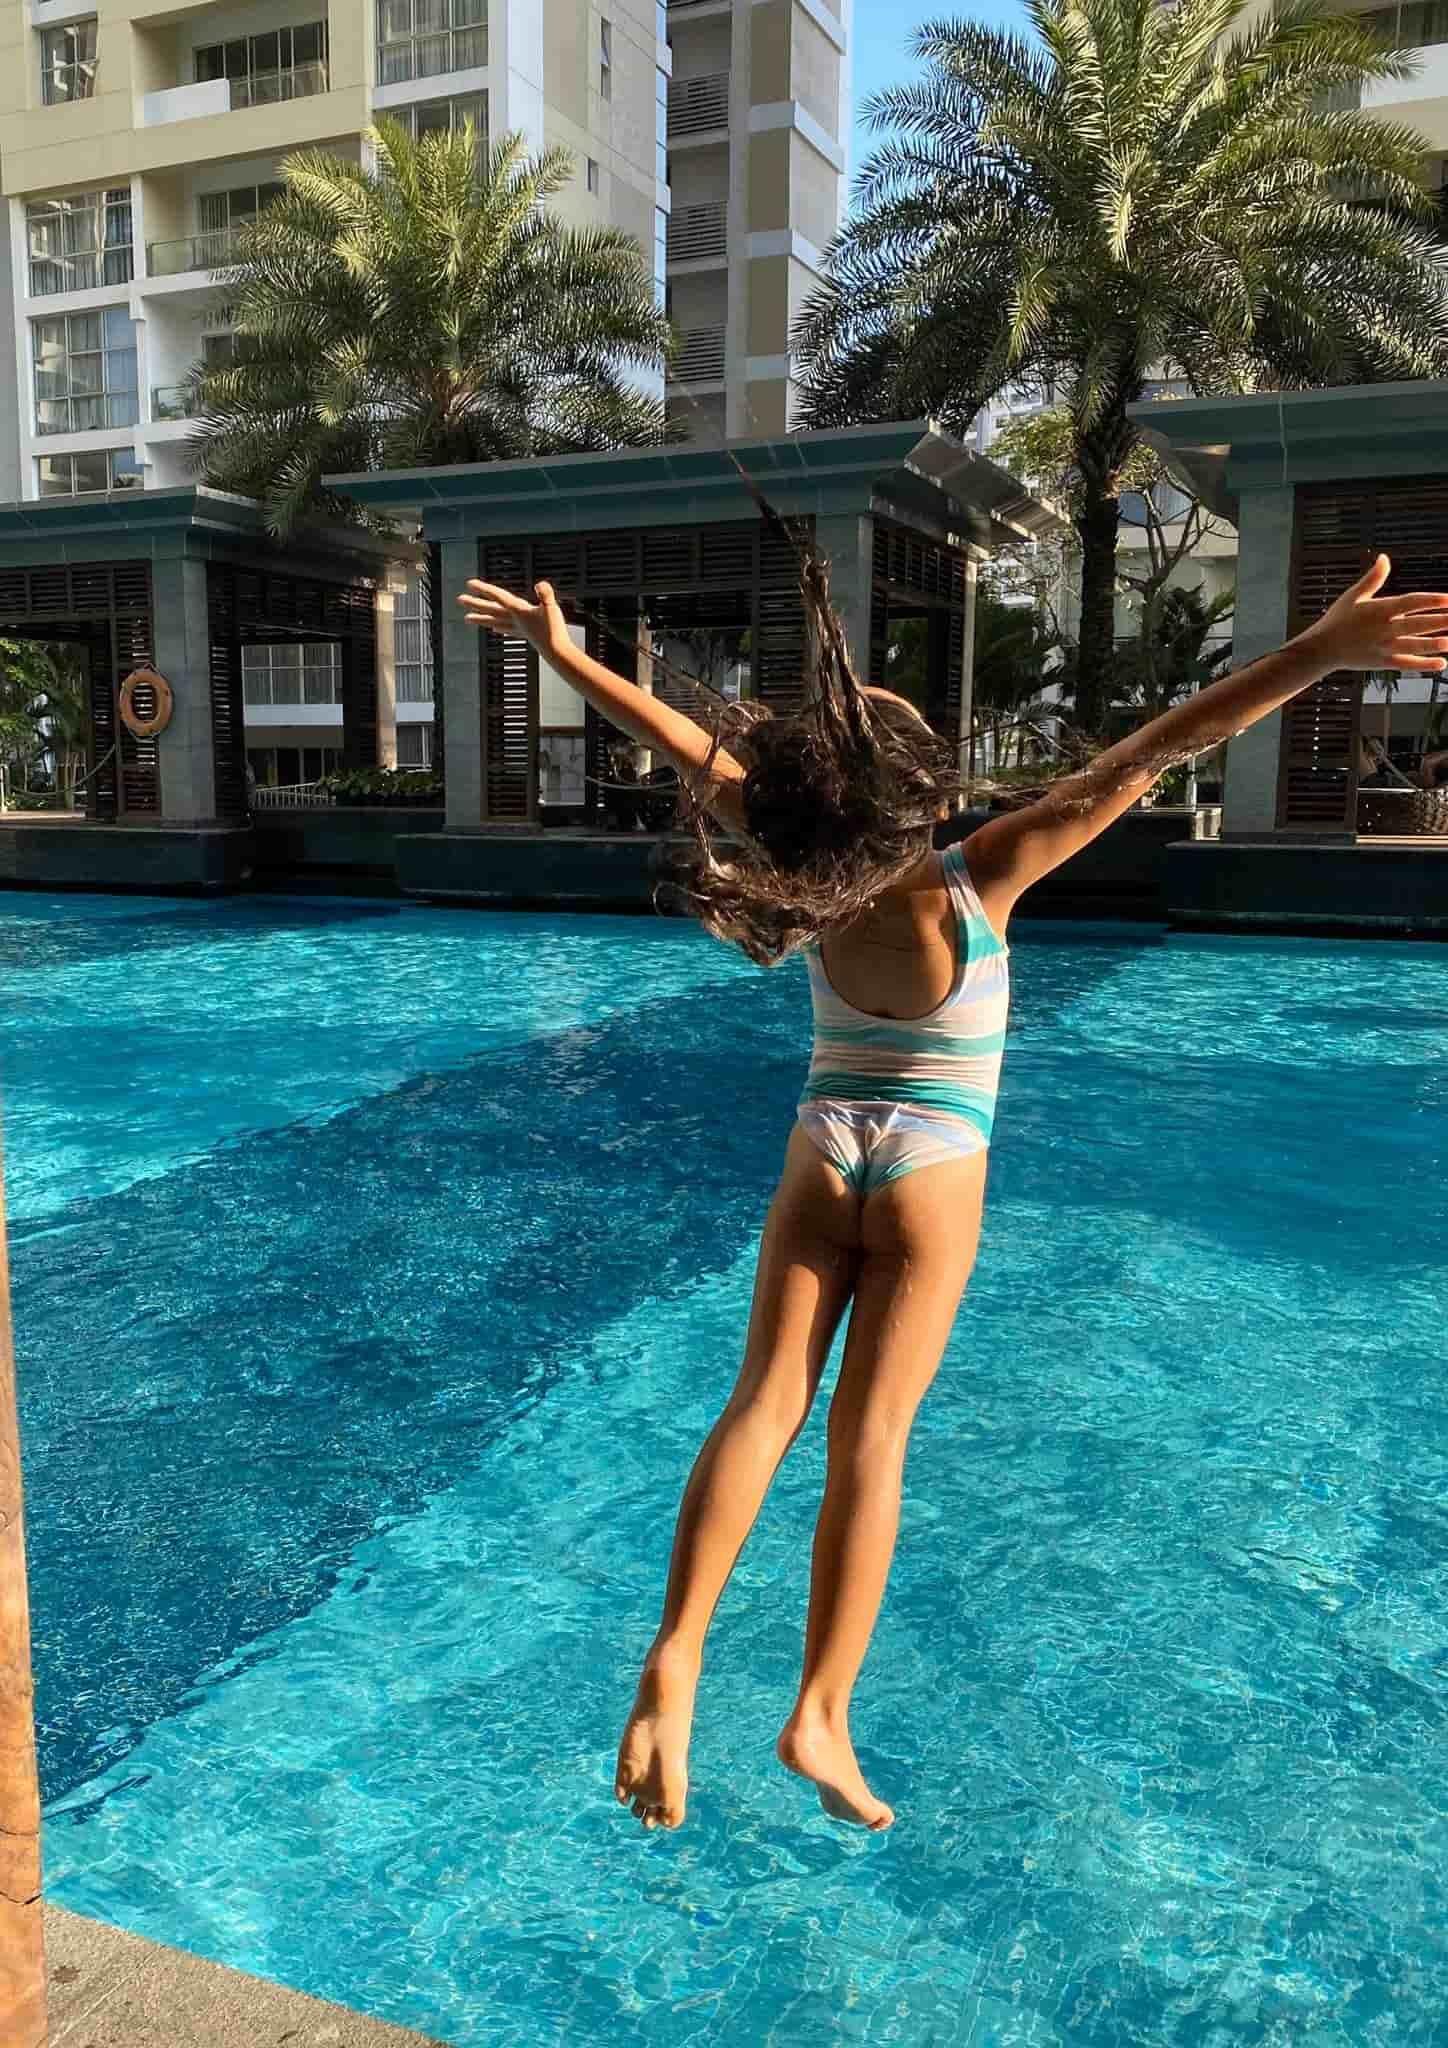 Mới 7 tuổi, con gái Đoan Trangkhoe đôi chân dài tựa siêu mẫu amp;#34;lấn átamp;#34; mẹ - 7